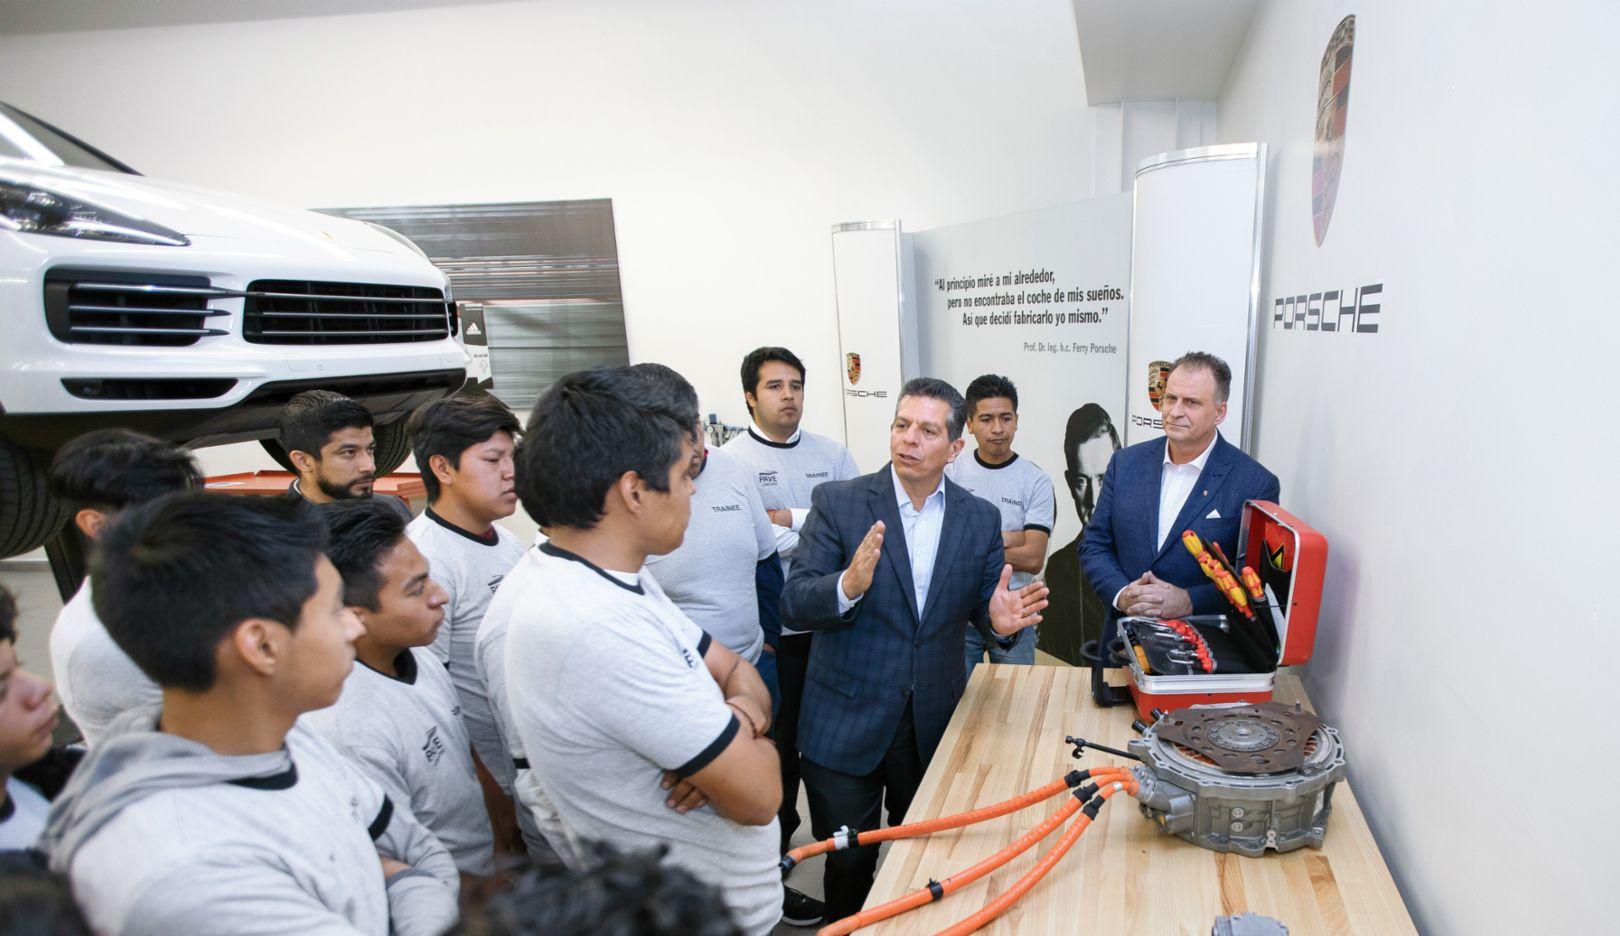 Porsche Training and Recruitment Center Puebla, Mexico, 2018, Porsche AG